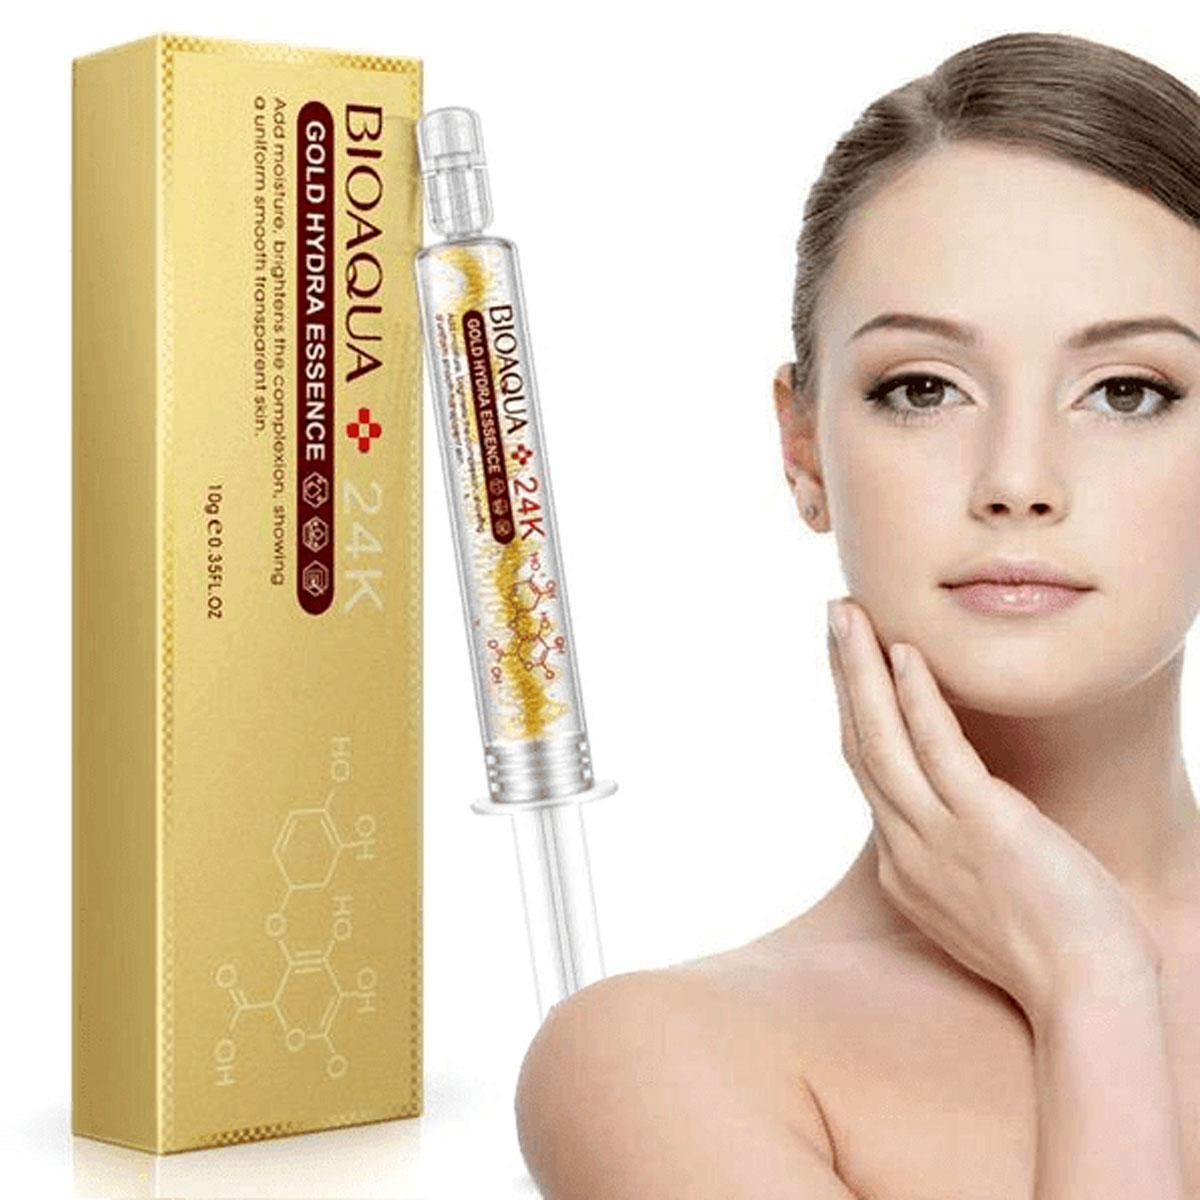 Bioaqua 24k Gold Essence Acido Hialuronico Colageno 1 Pza